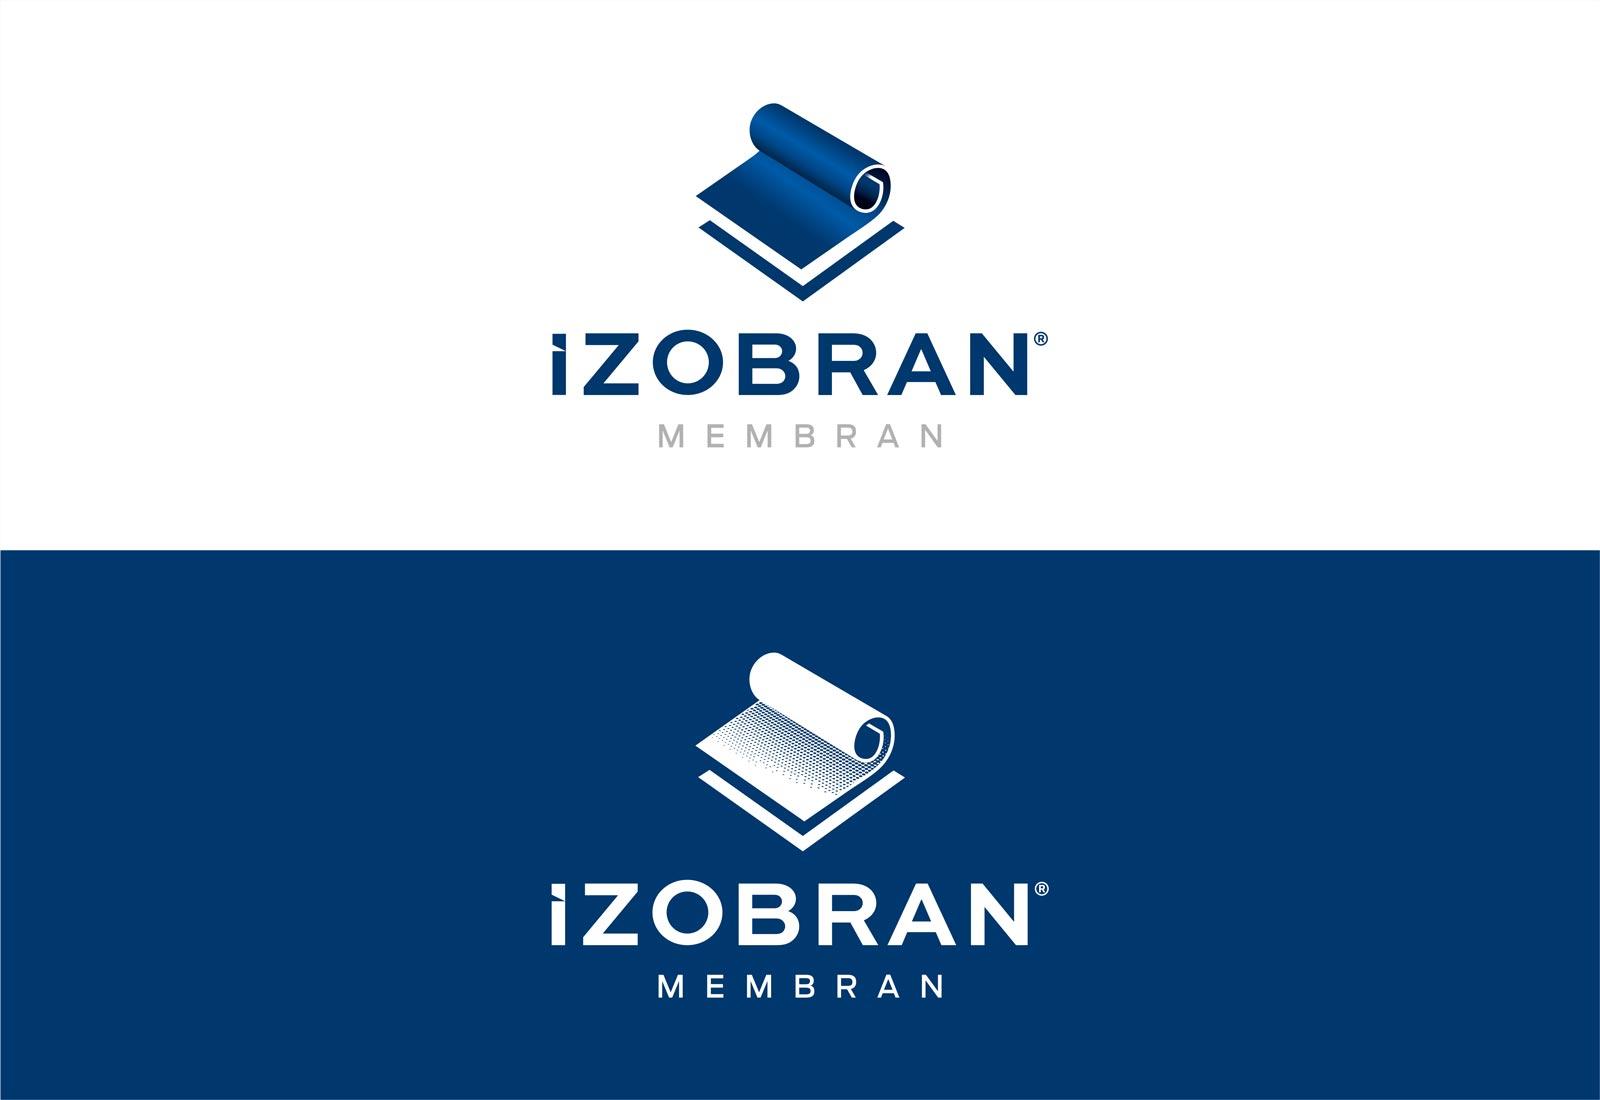 izobran-logo-tasarim